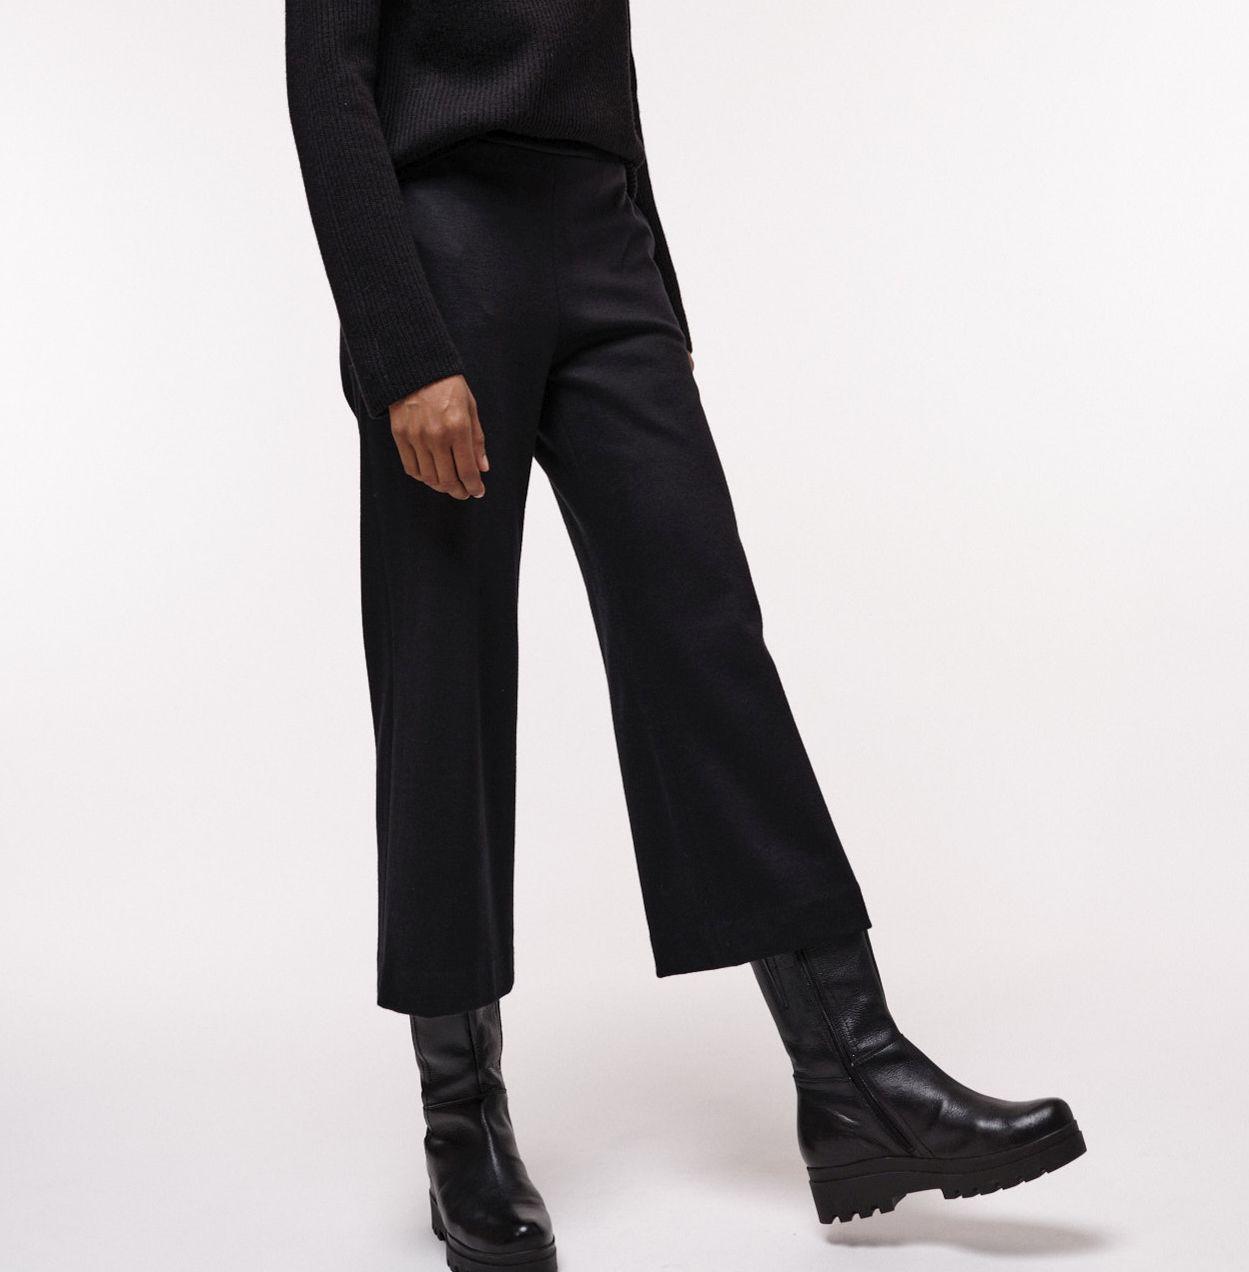 Schicke Damen-Culotte black mit Wolle